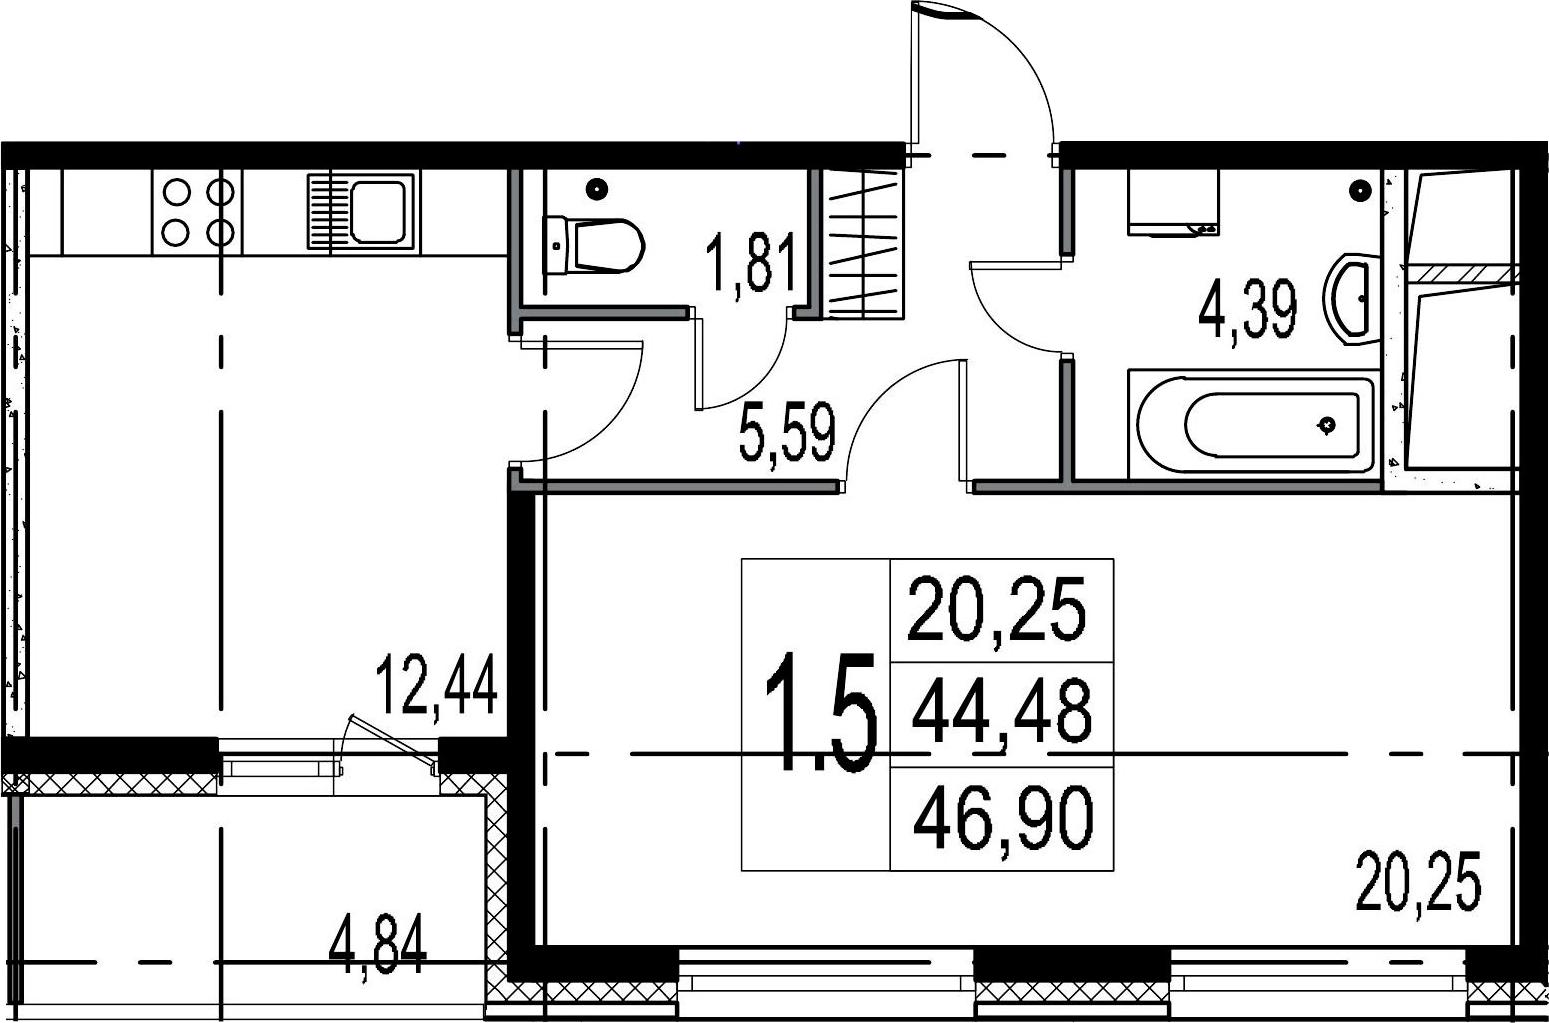 1-комнатная, 44.48 м²– 2